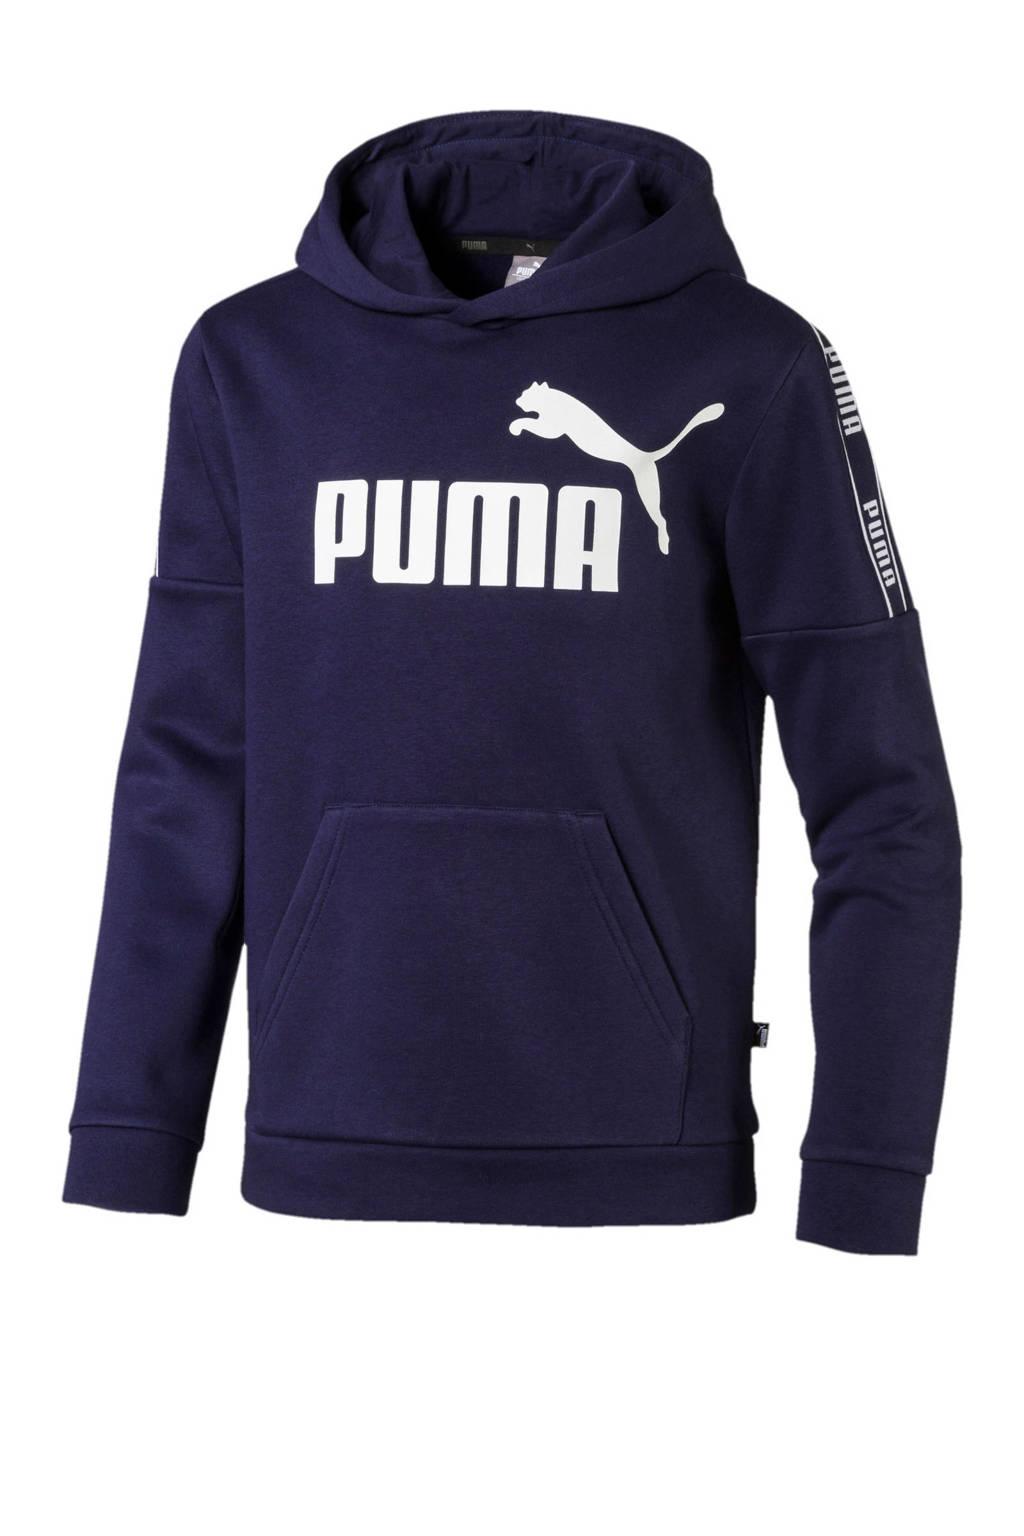 Puma   hoodie donkerblauw, Donkerblauw